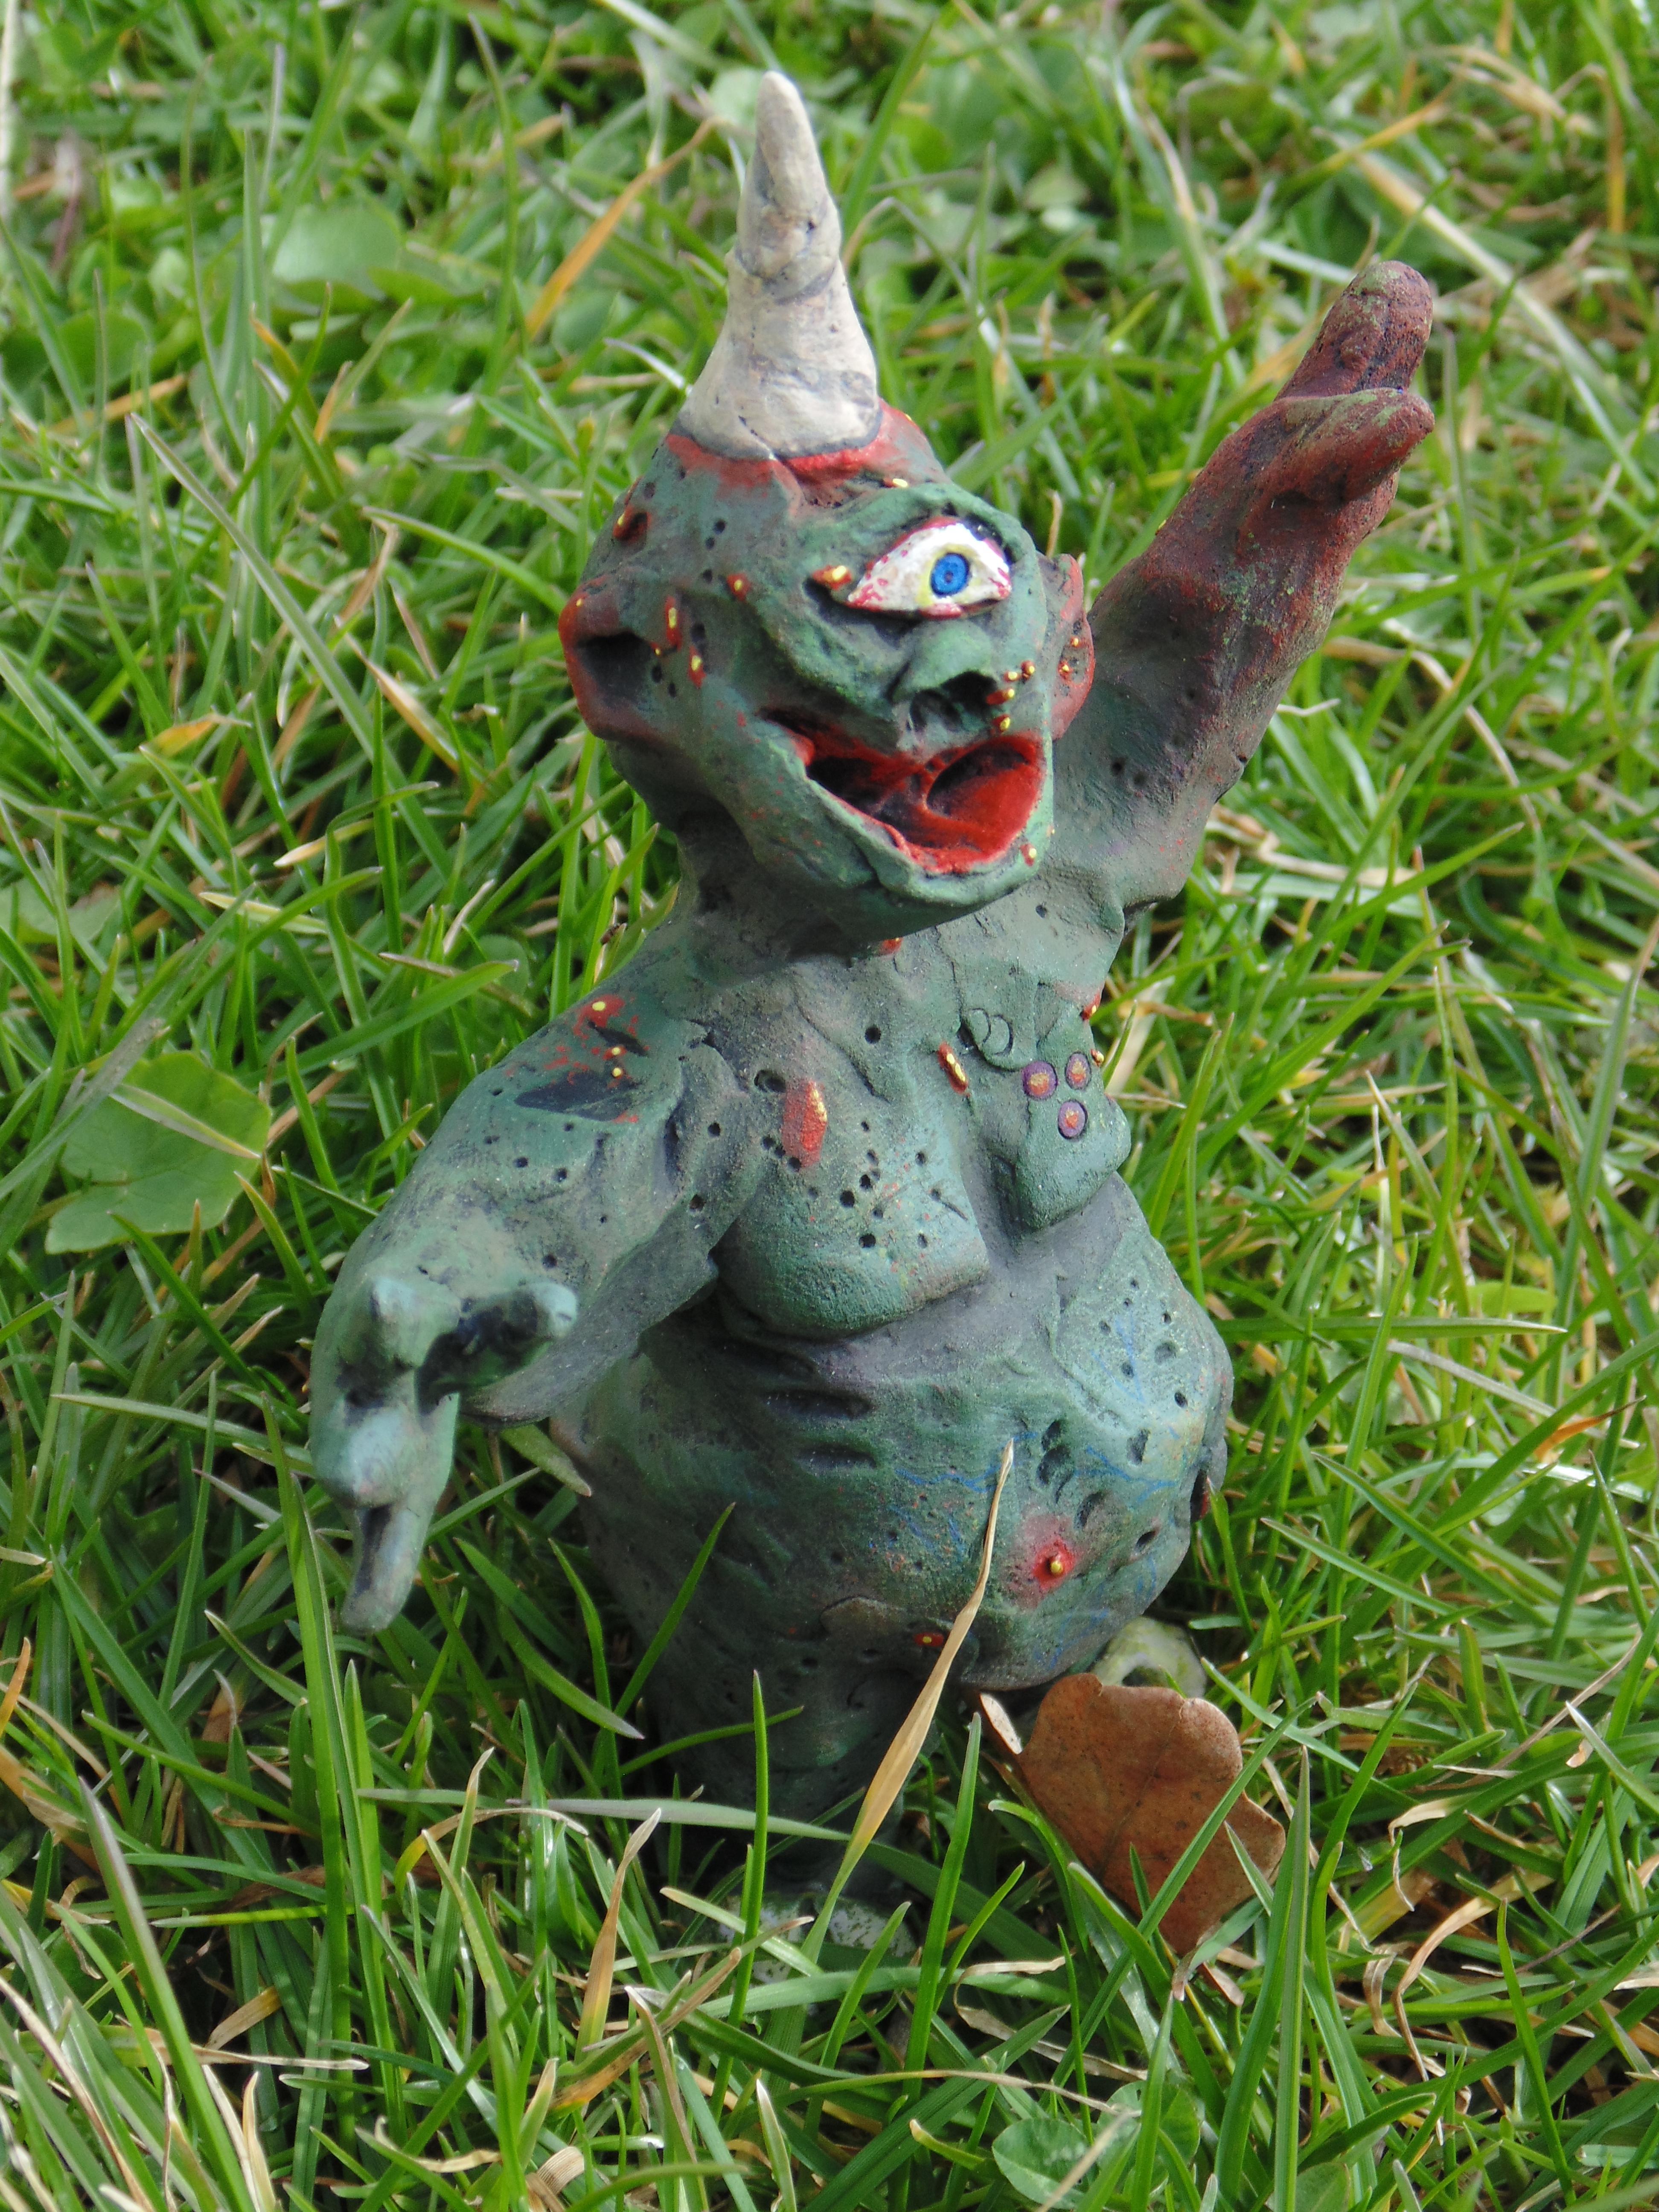 Chaos Nurgle, Converion, Conversion, Daemons, Garbage, Garbage Garden Gnome, Garden, Ggg, Gnome, Gnomes, Guo, Plague, Plaguebearers, Prince, Scratch